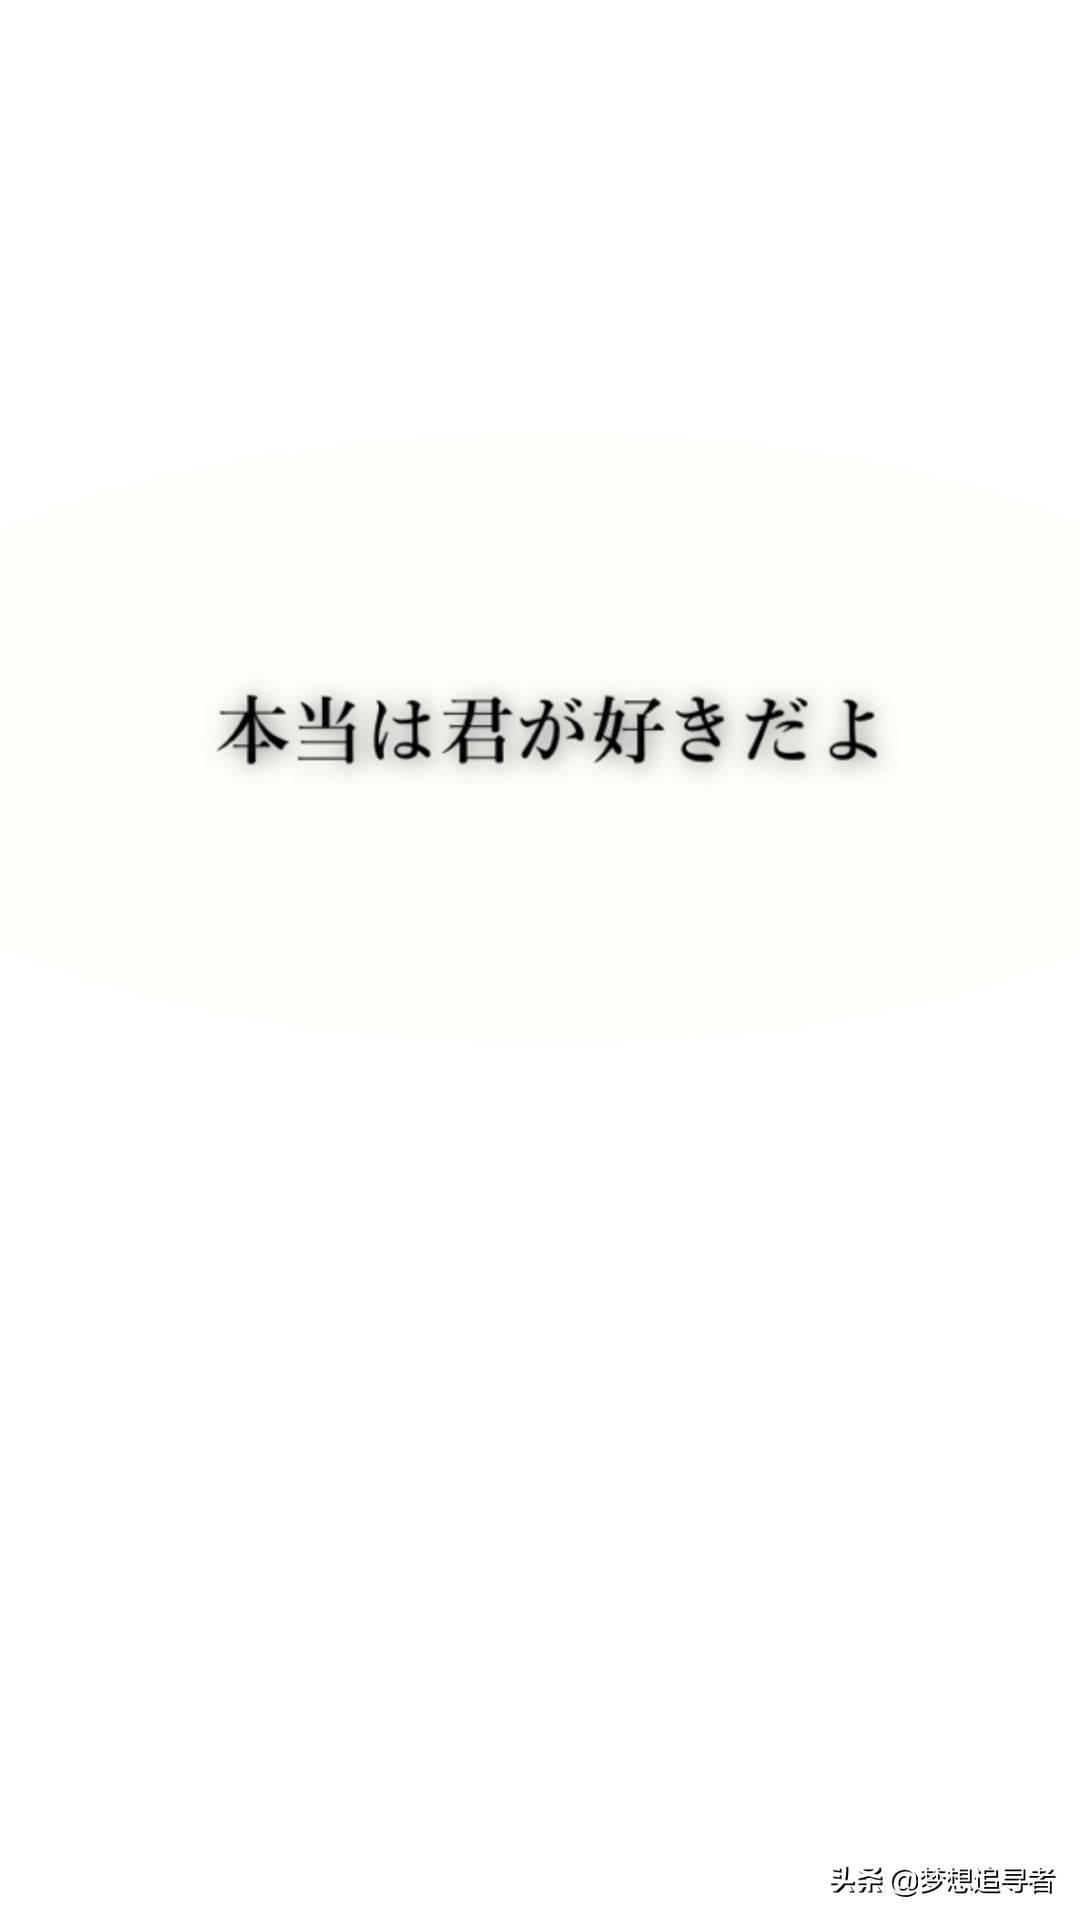 白色底图纯白图片(纯白背景图片素材大全)